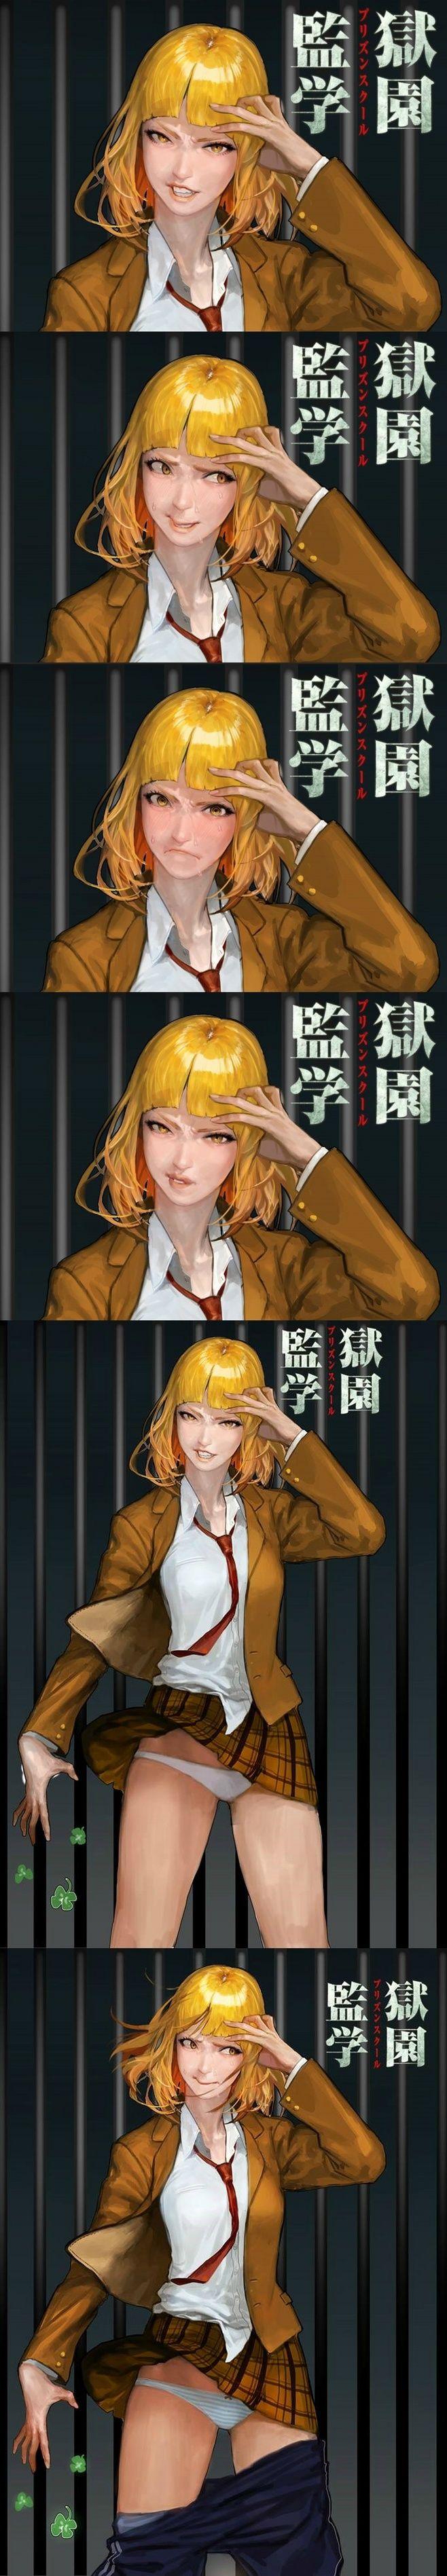 Your favorite Korean expression emperor illustrator 수 민성